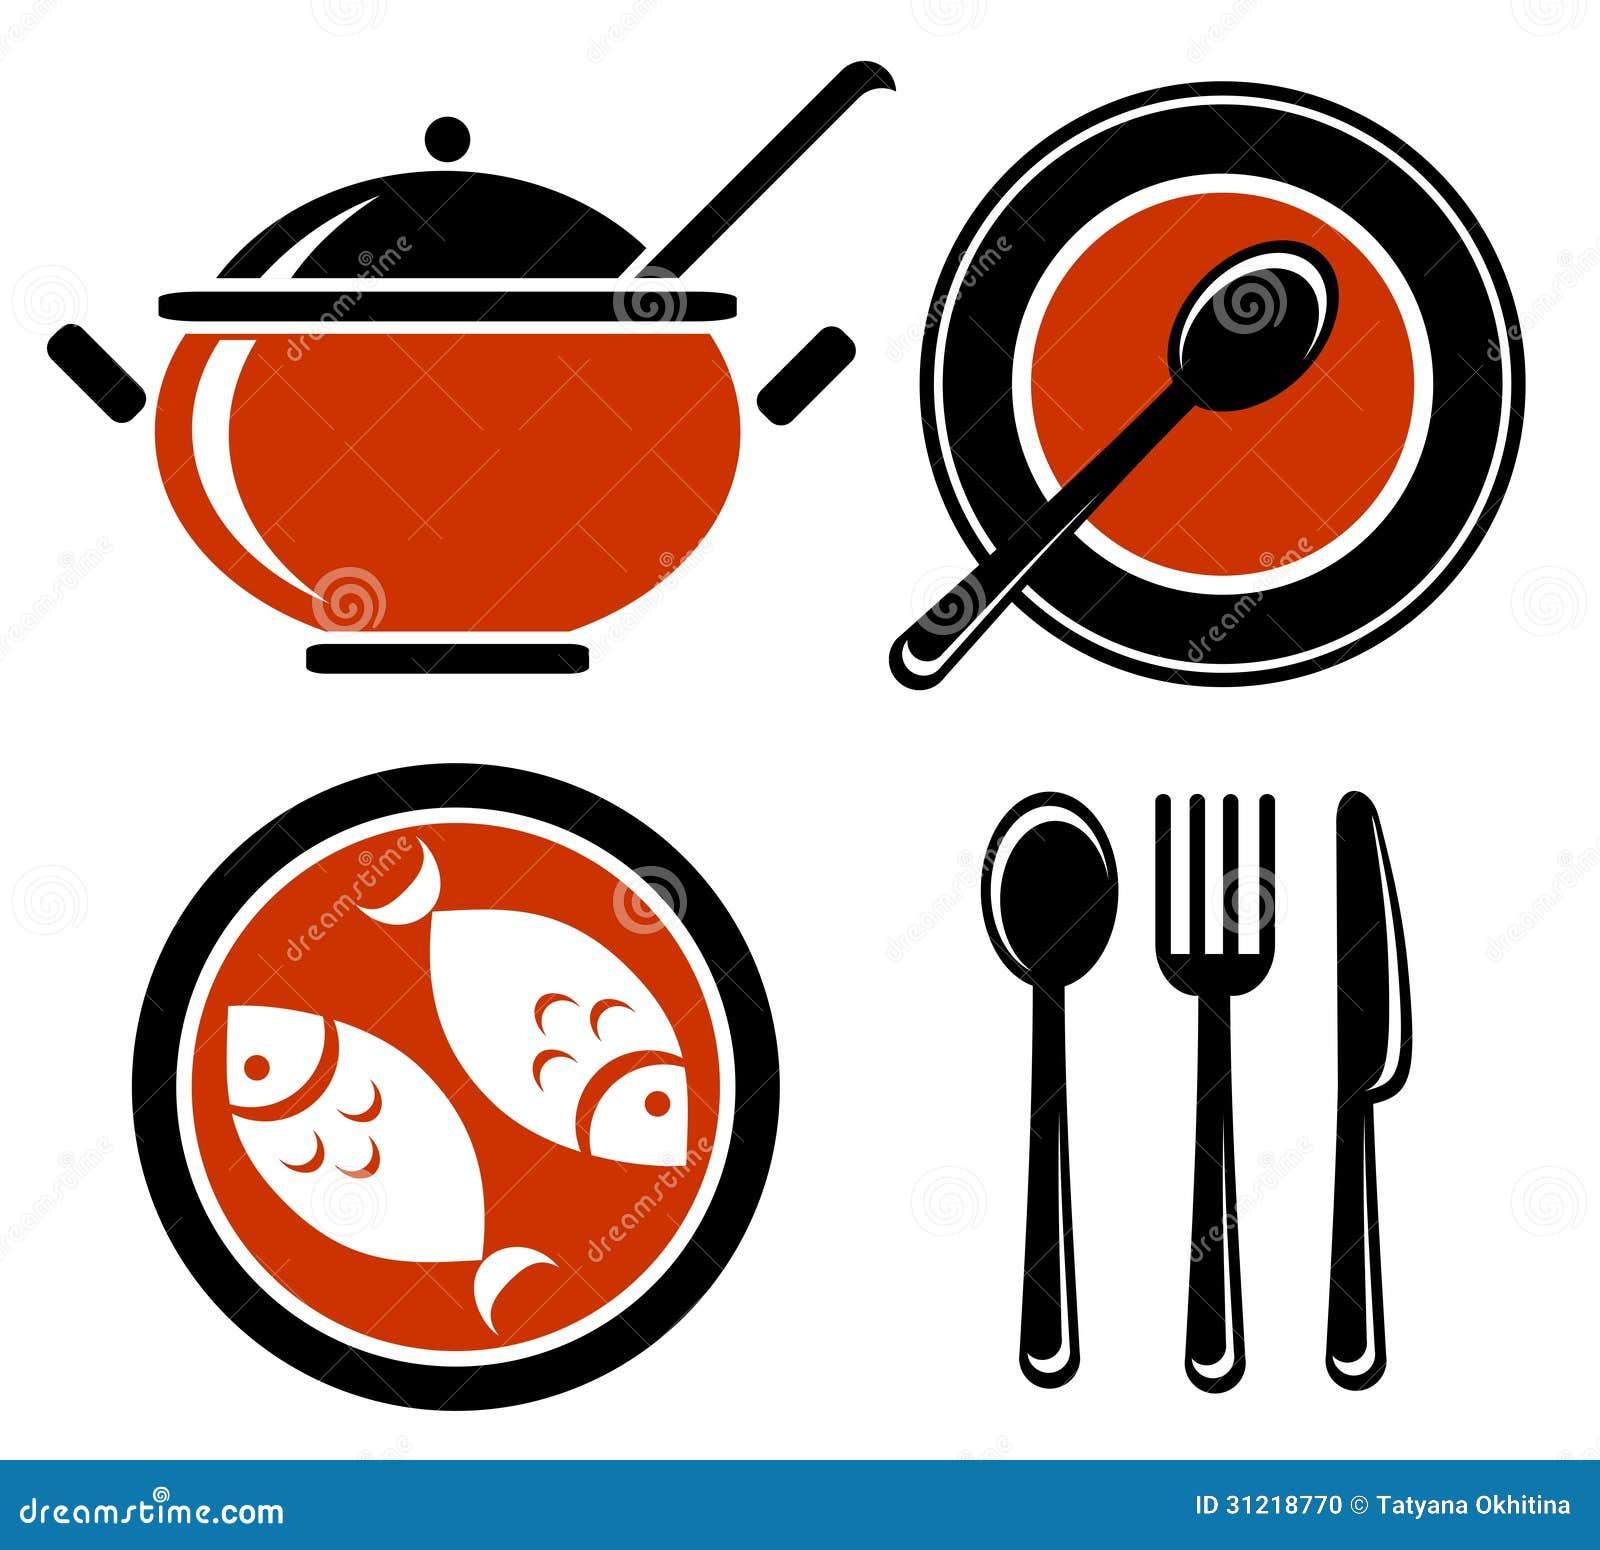 Stylized food symbols set isolated on a white background.